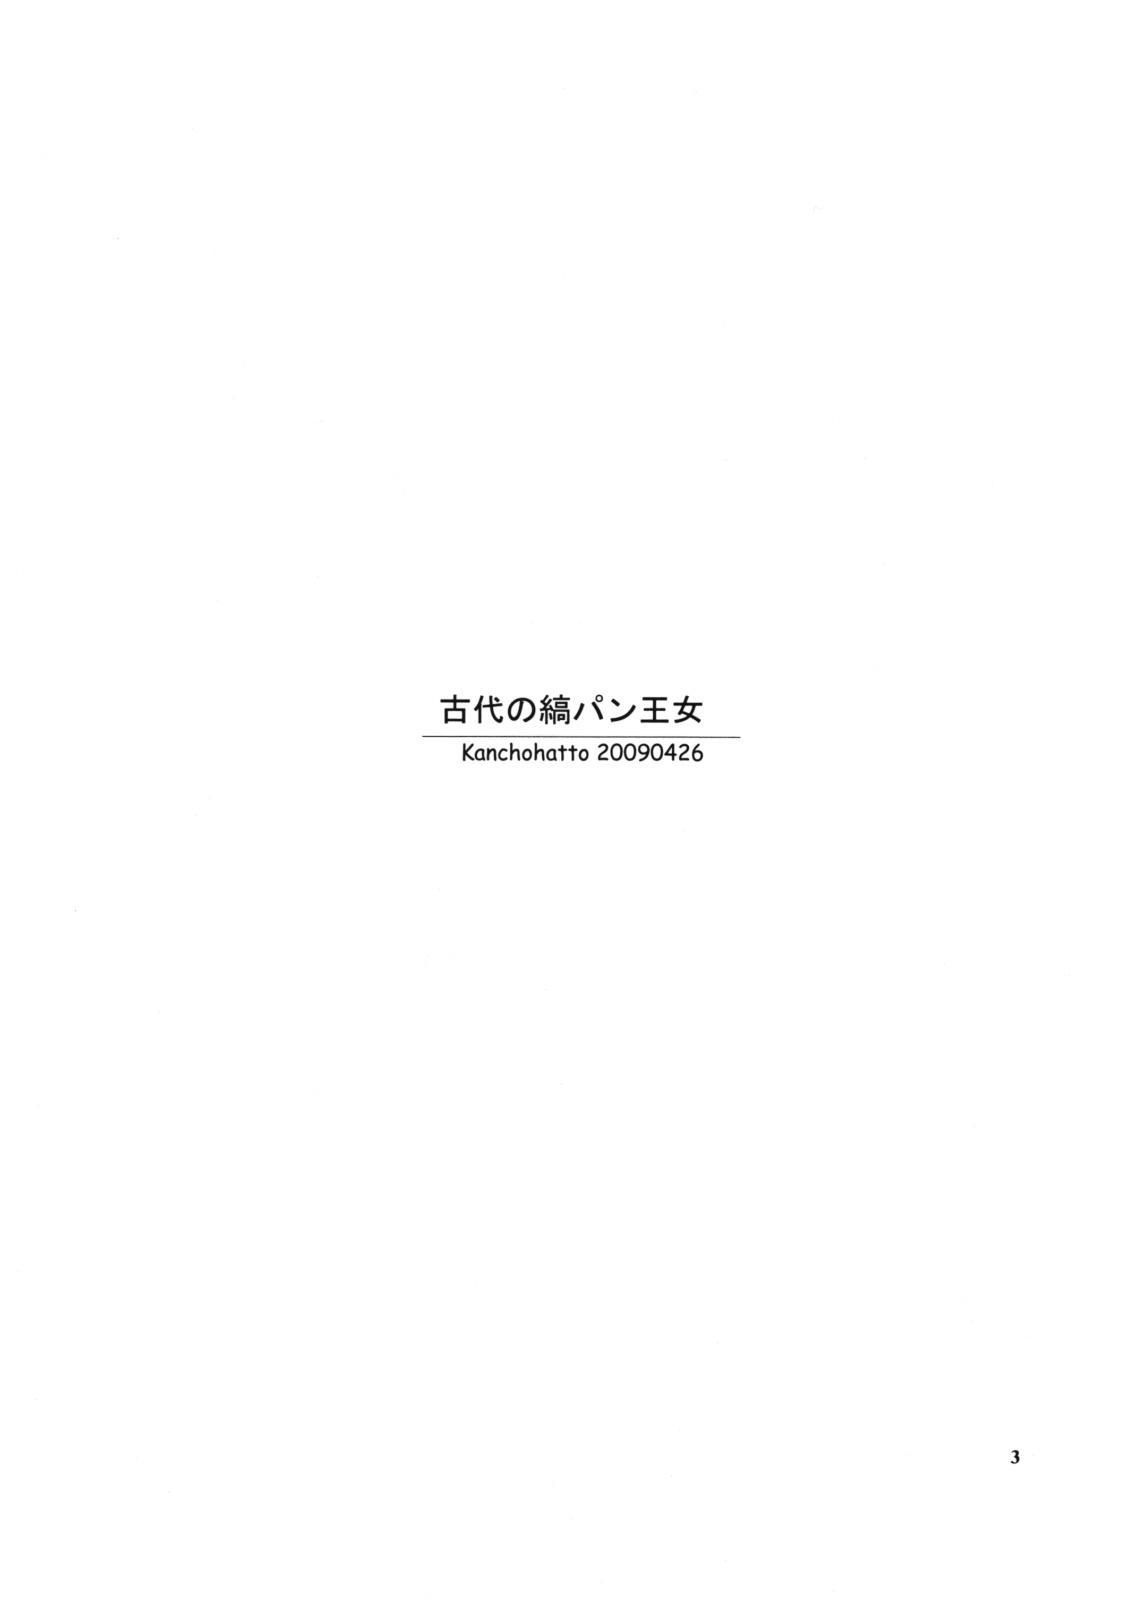 Kodai no Shima Pan Oujo 1